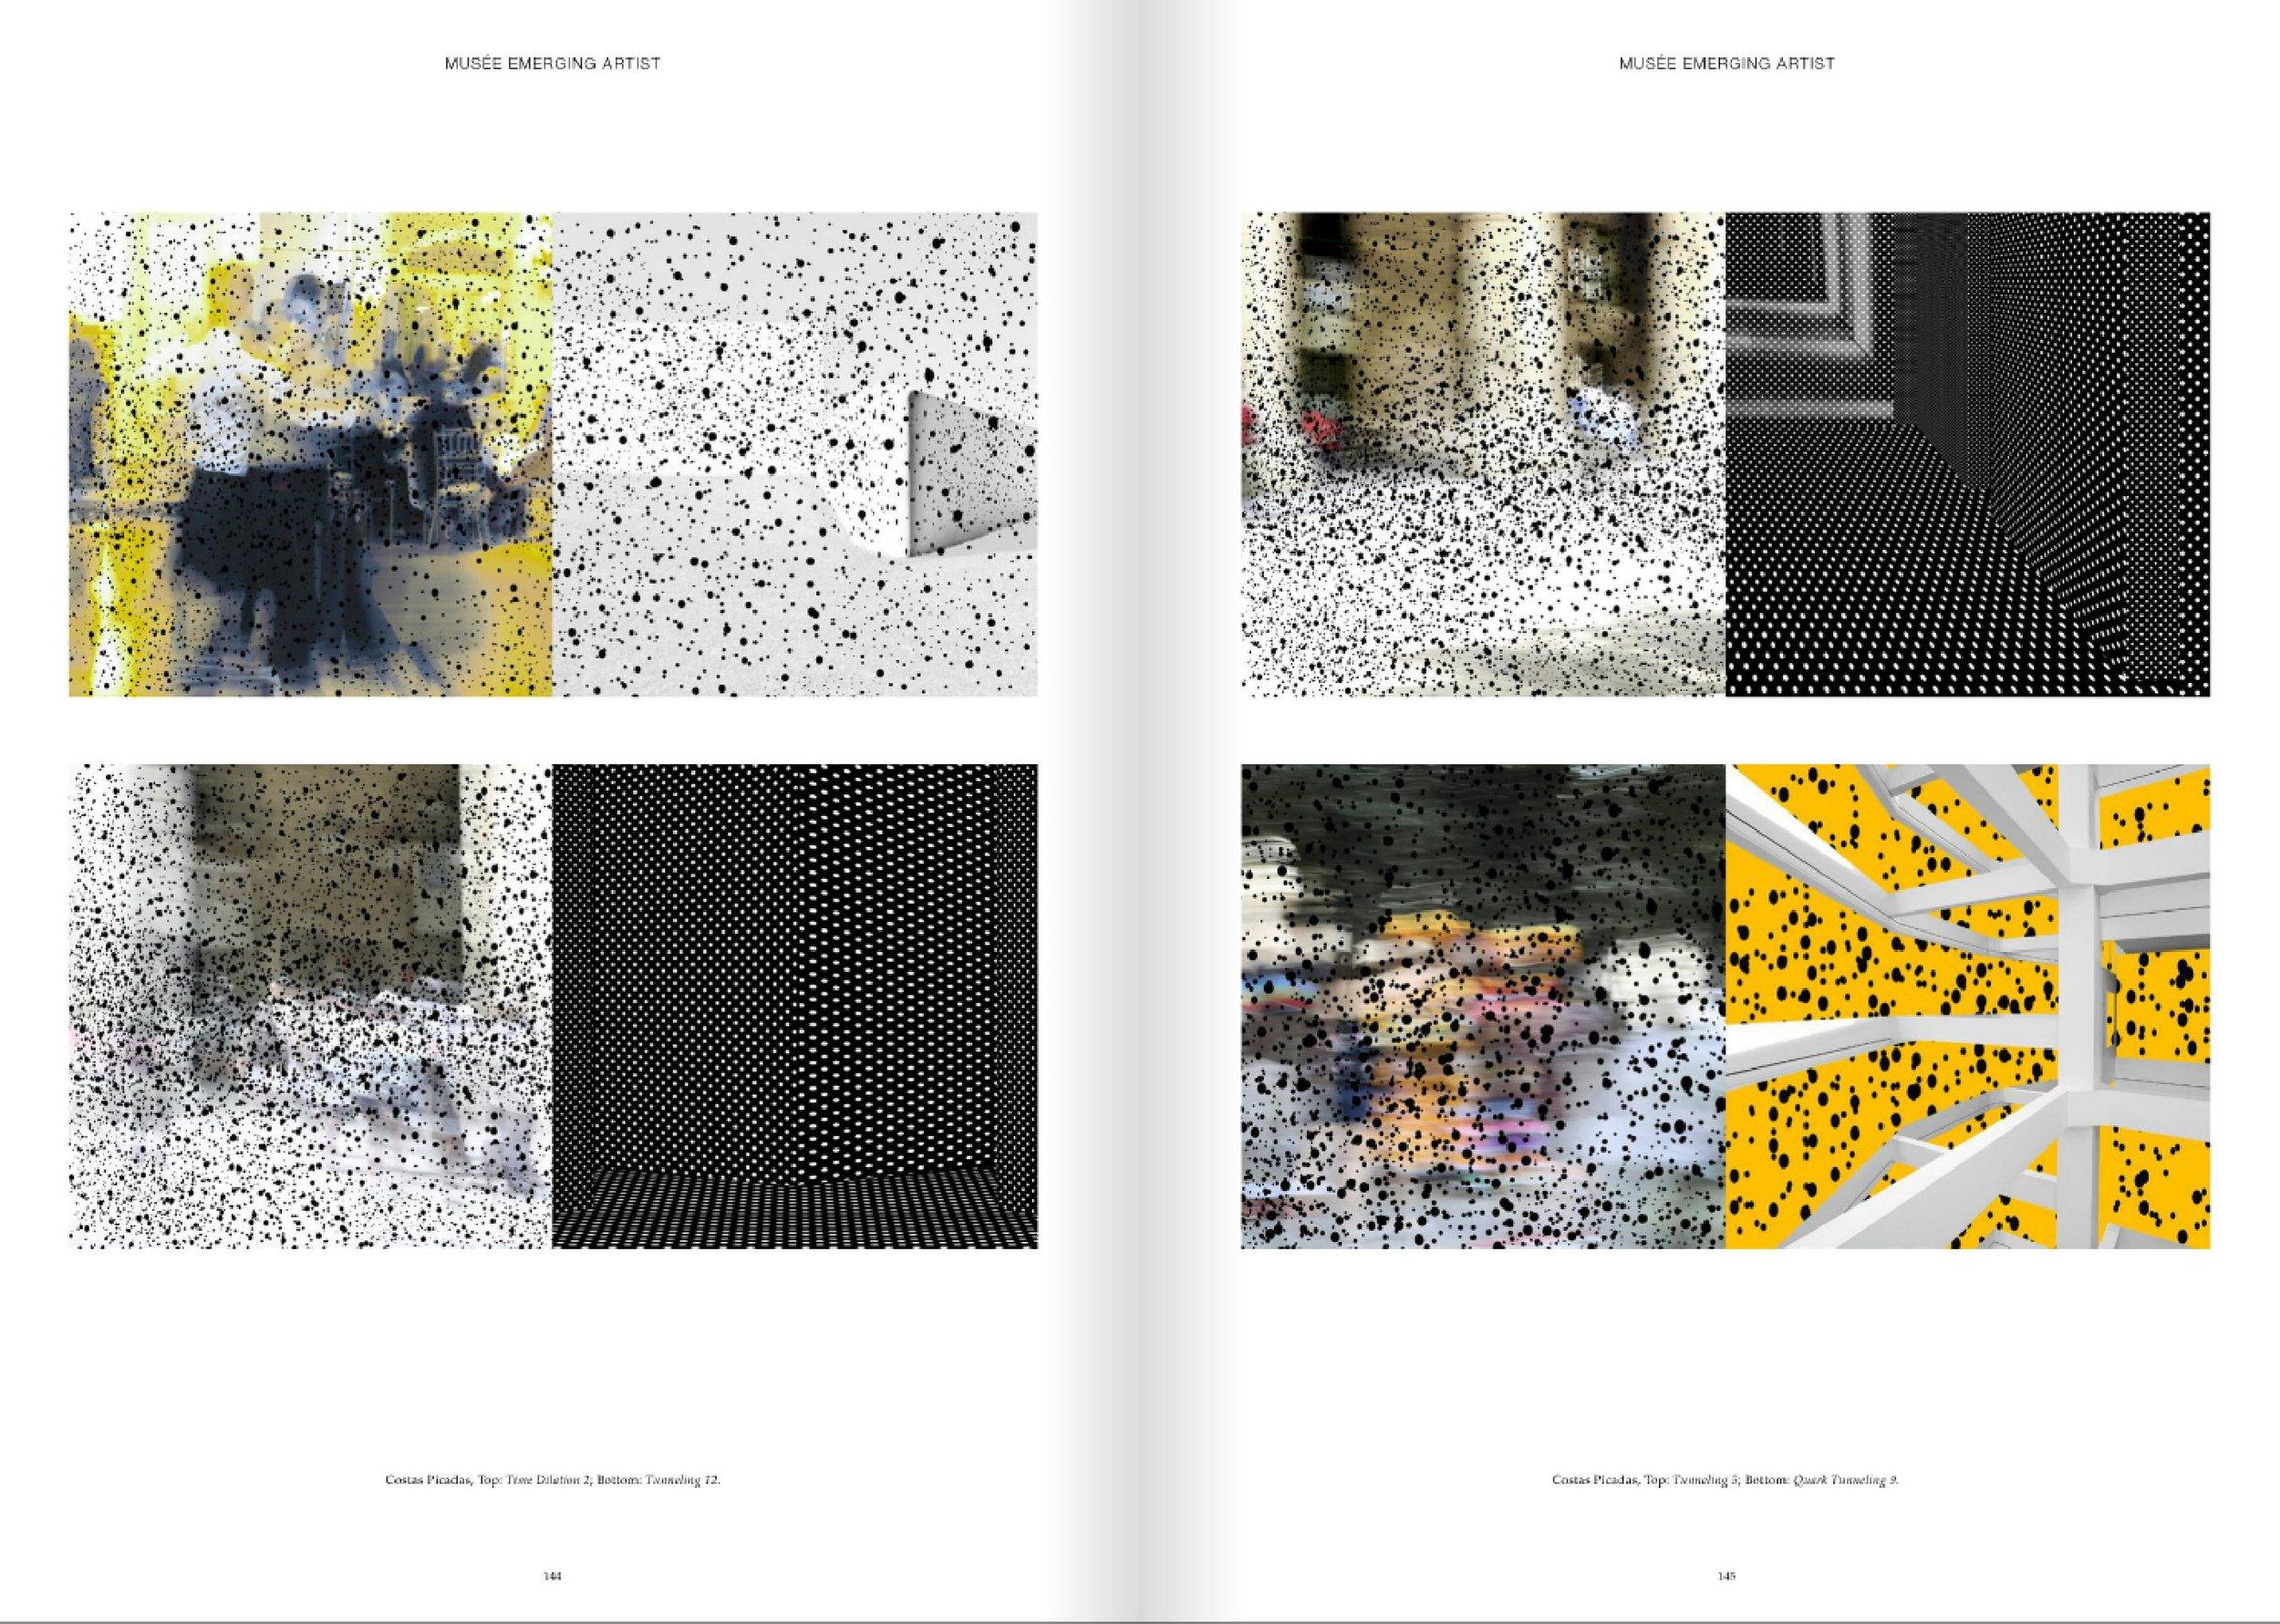 MUSEE MAGAZINE-ENIGMA ON COSTAS PICADAS copy 2_000002.jpg